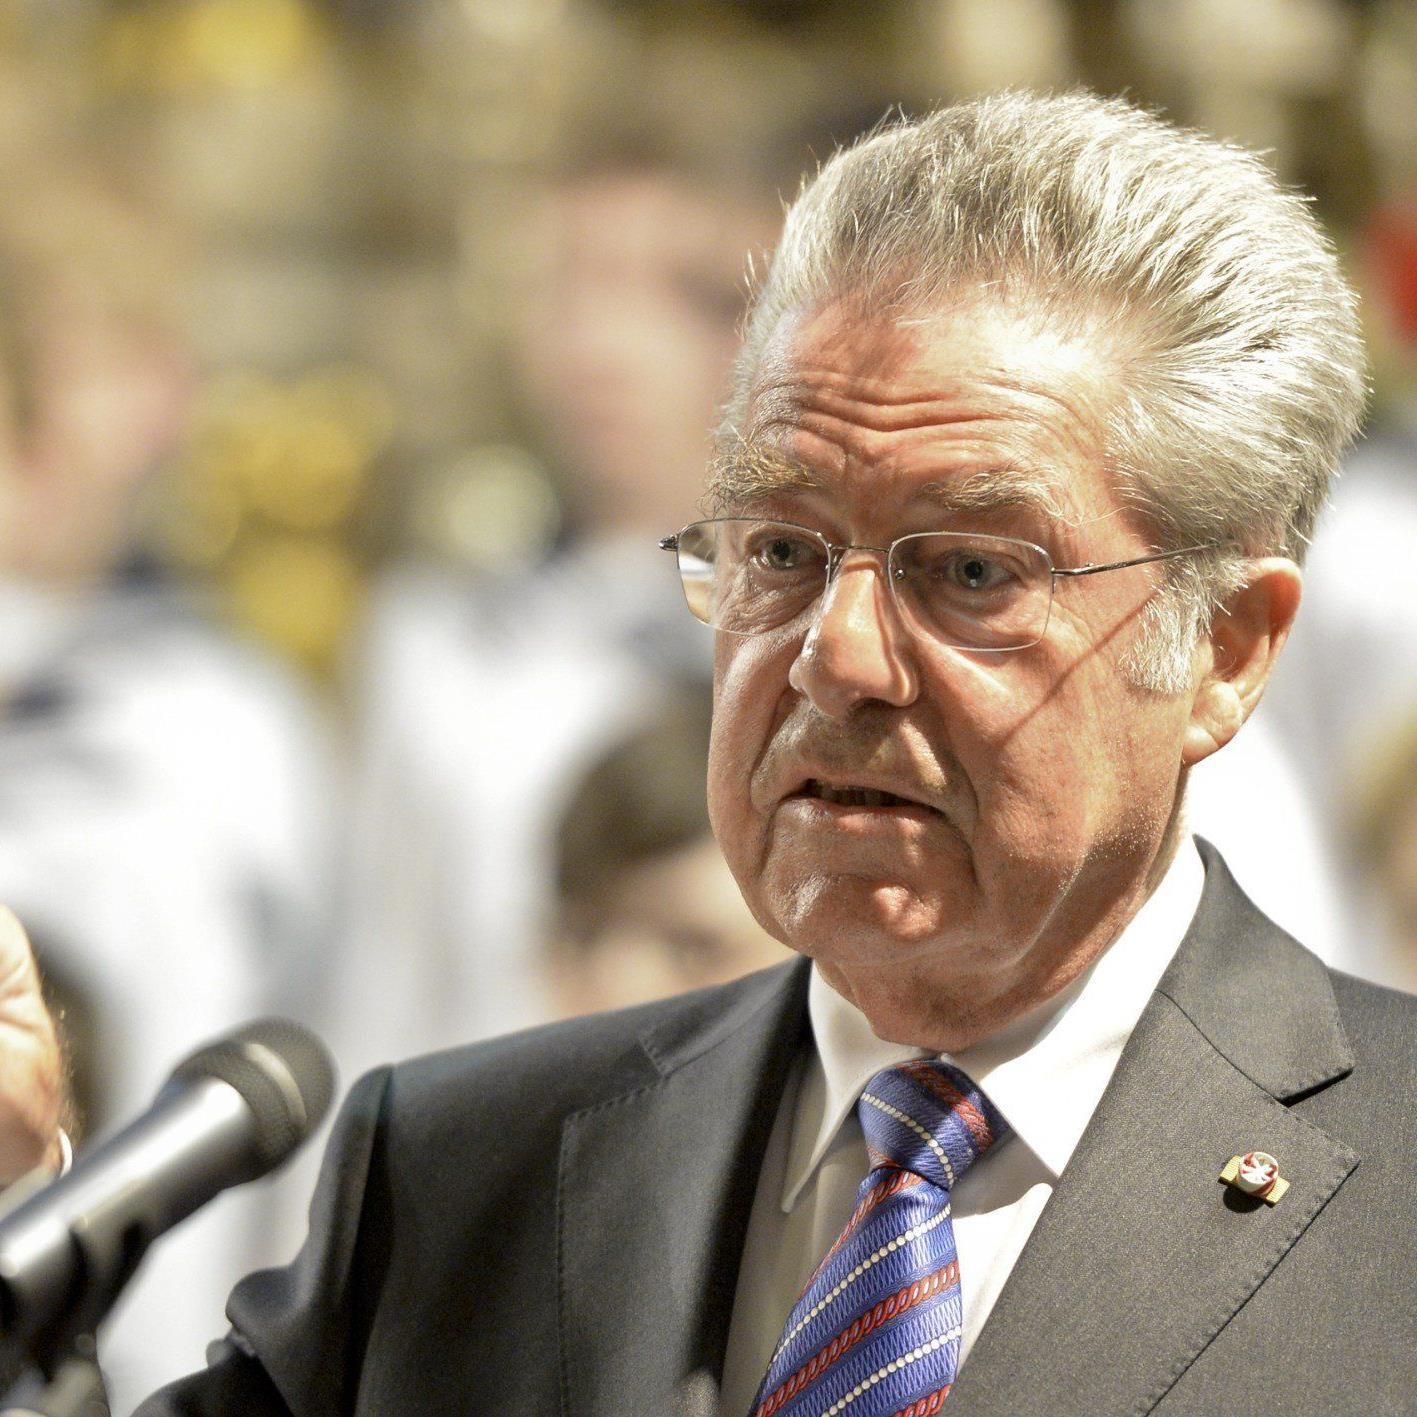 Bundespräsident Heinz Fischer appeliert an alle Österreicher wählen zu gehen.